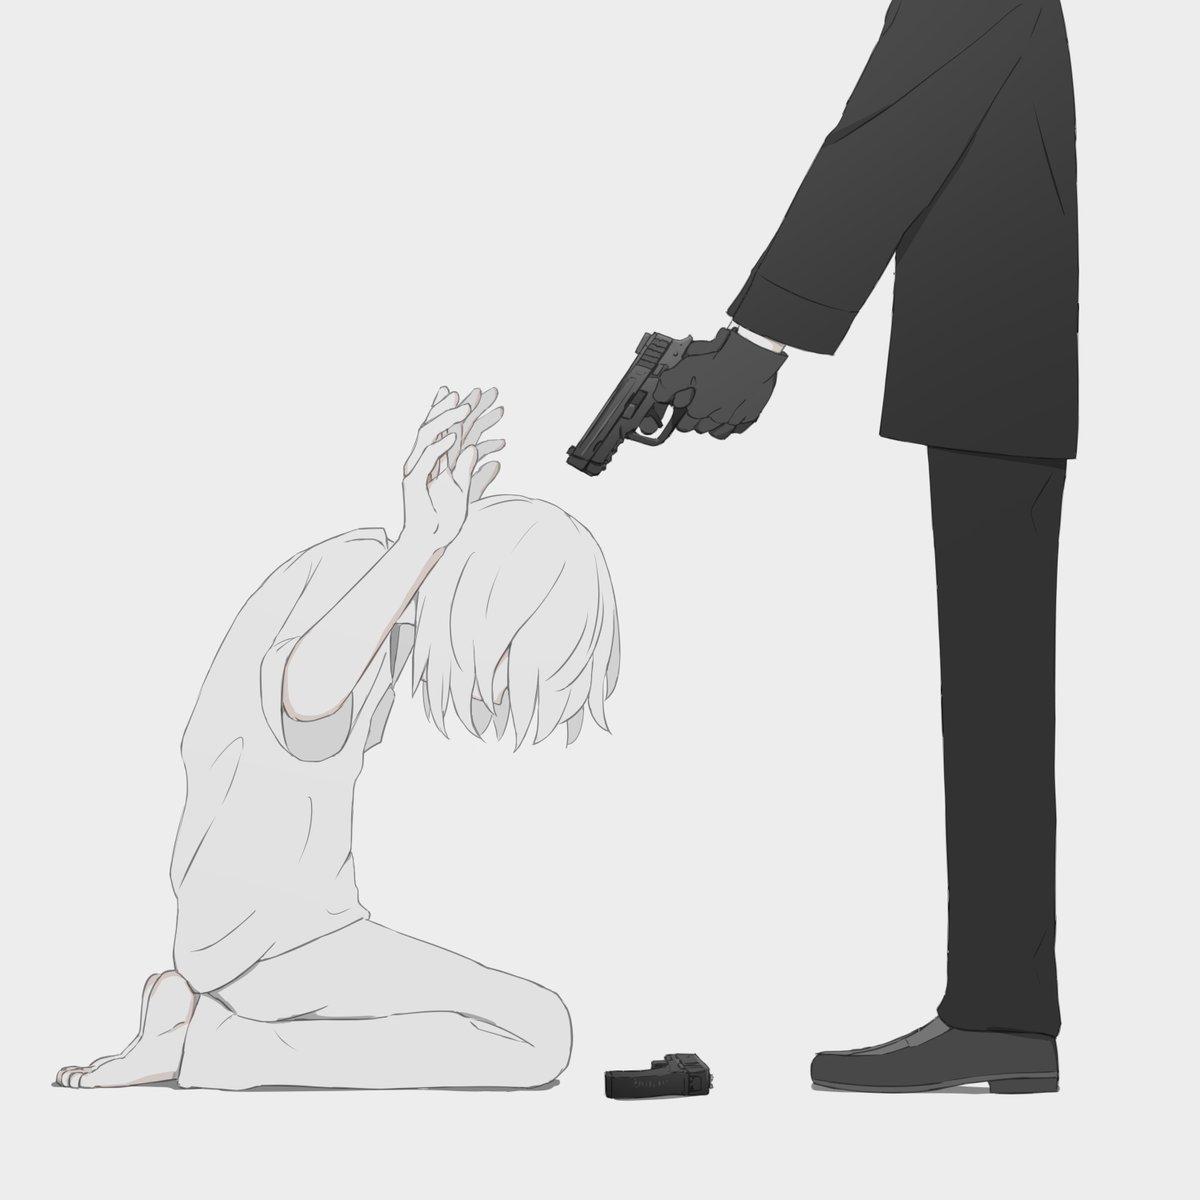 日本画师アボガド6的插画 【202011】-itotii